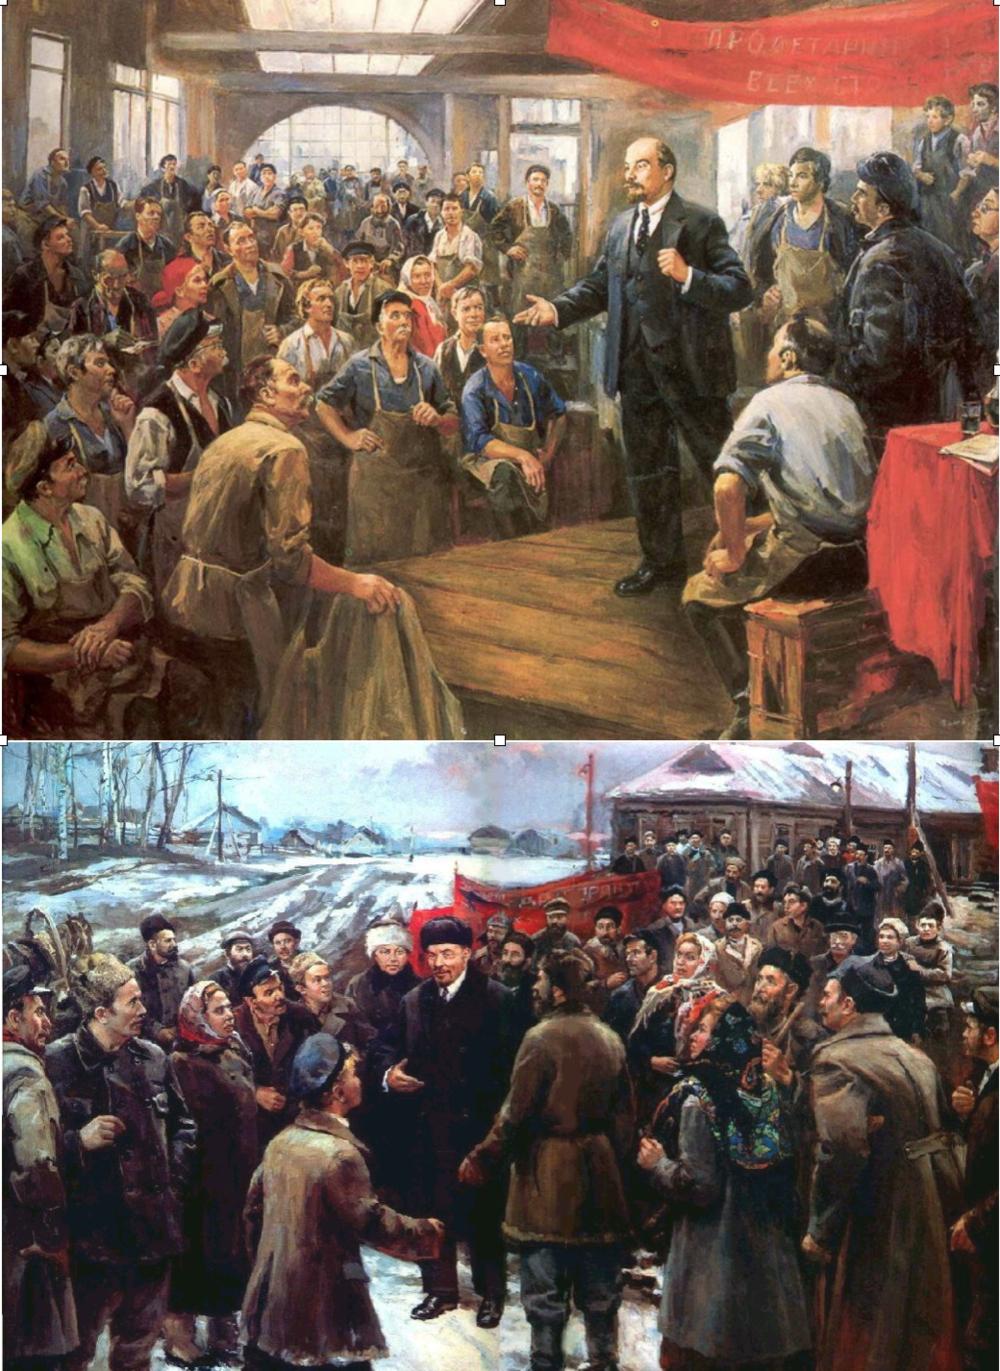 El arte al servicio de la revolución: Lenin con trabajadores urbanos y campesinos